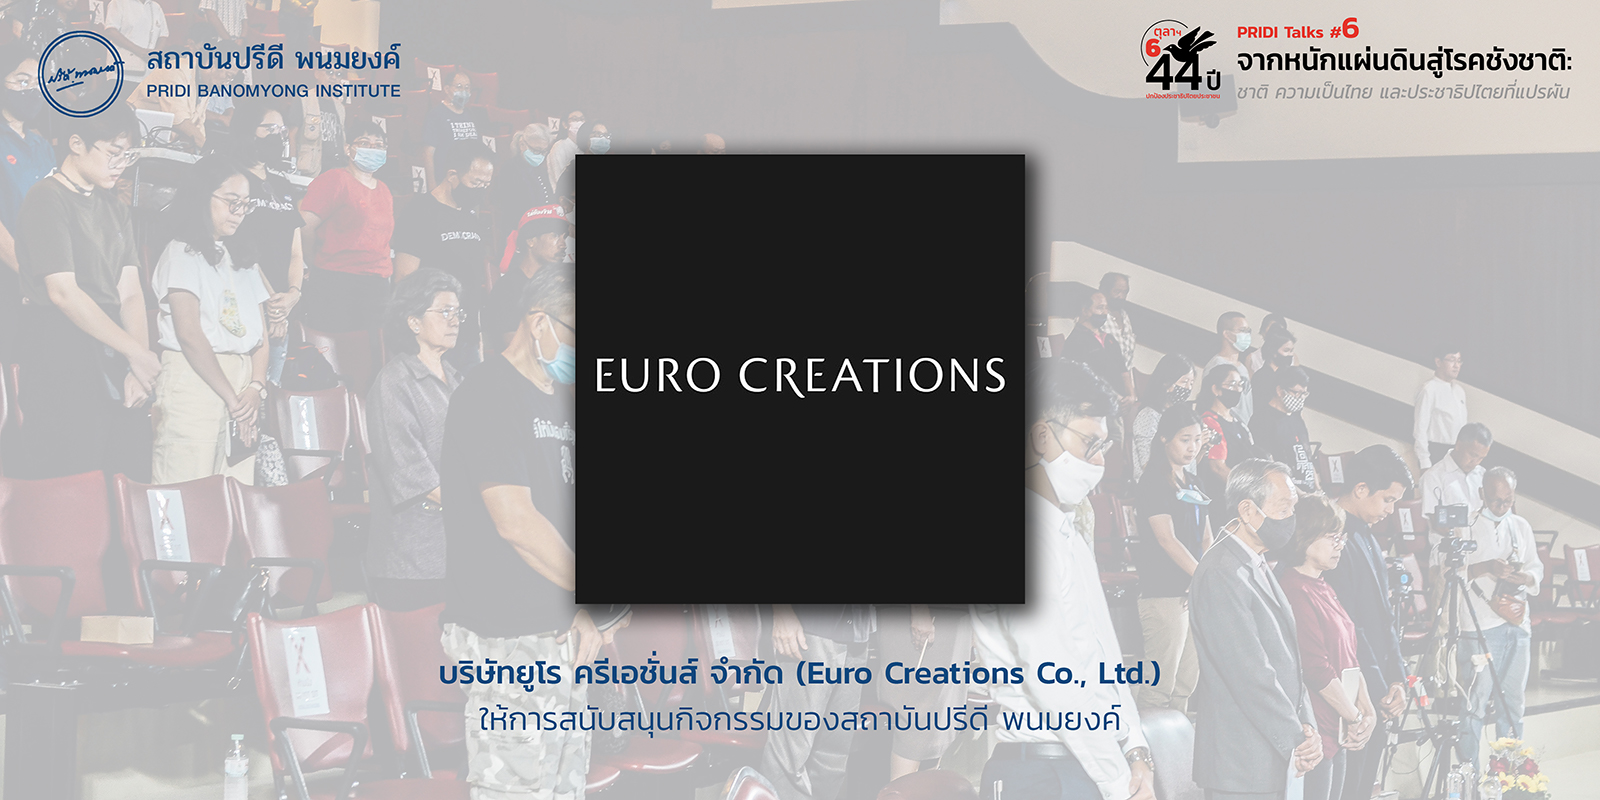 Euro Creations ให้การสนับสนุนกิจกรรมของสถาบันปรีดี พนมยงค์